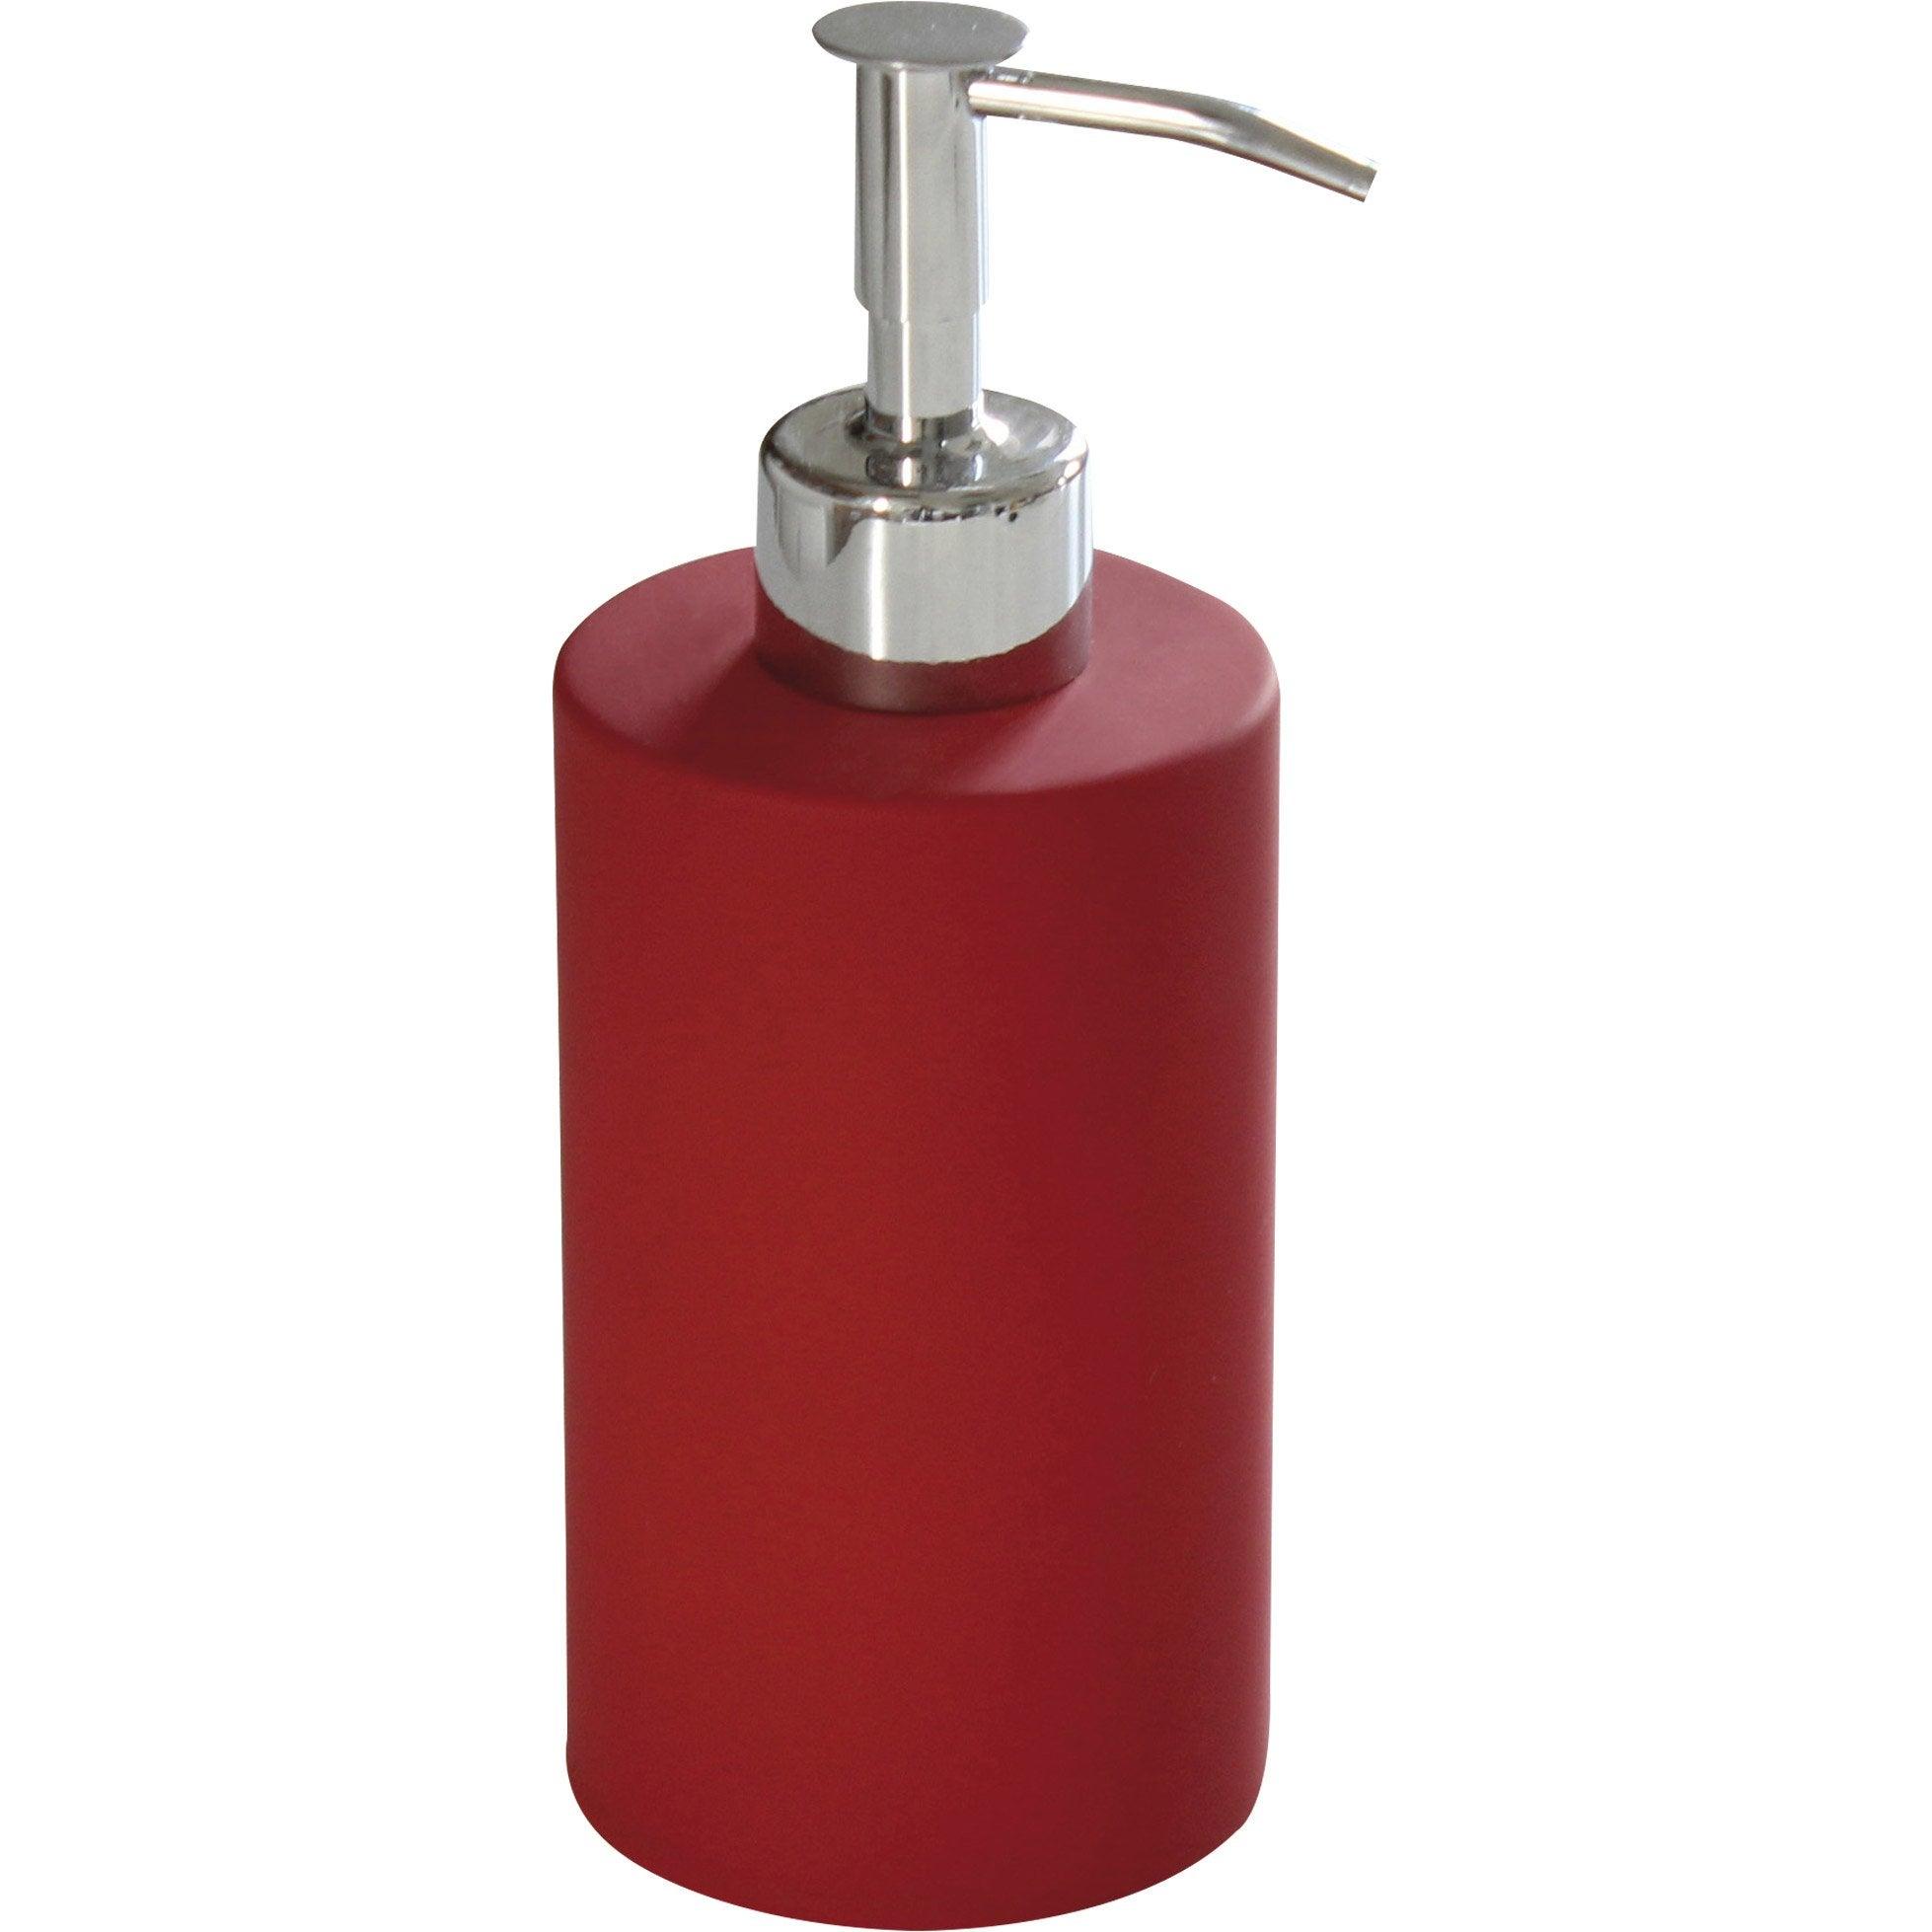 Distributeur de savon céramique rouge-rouge n°3